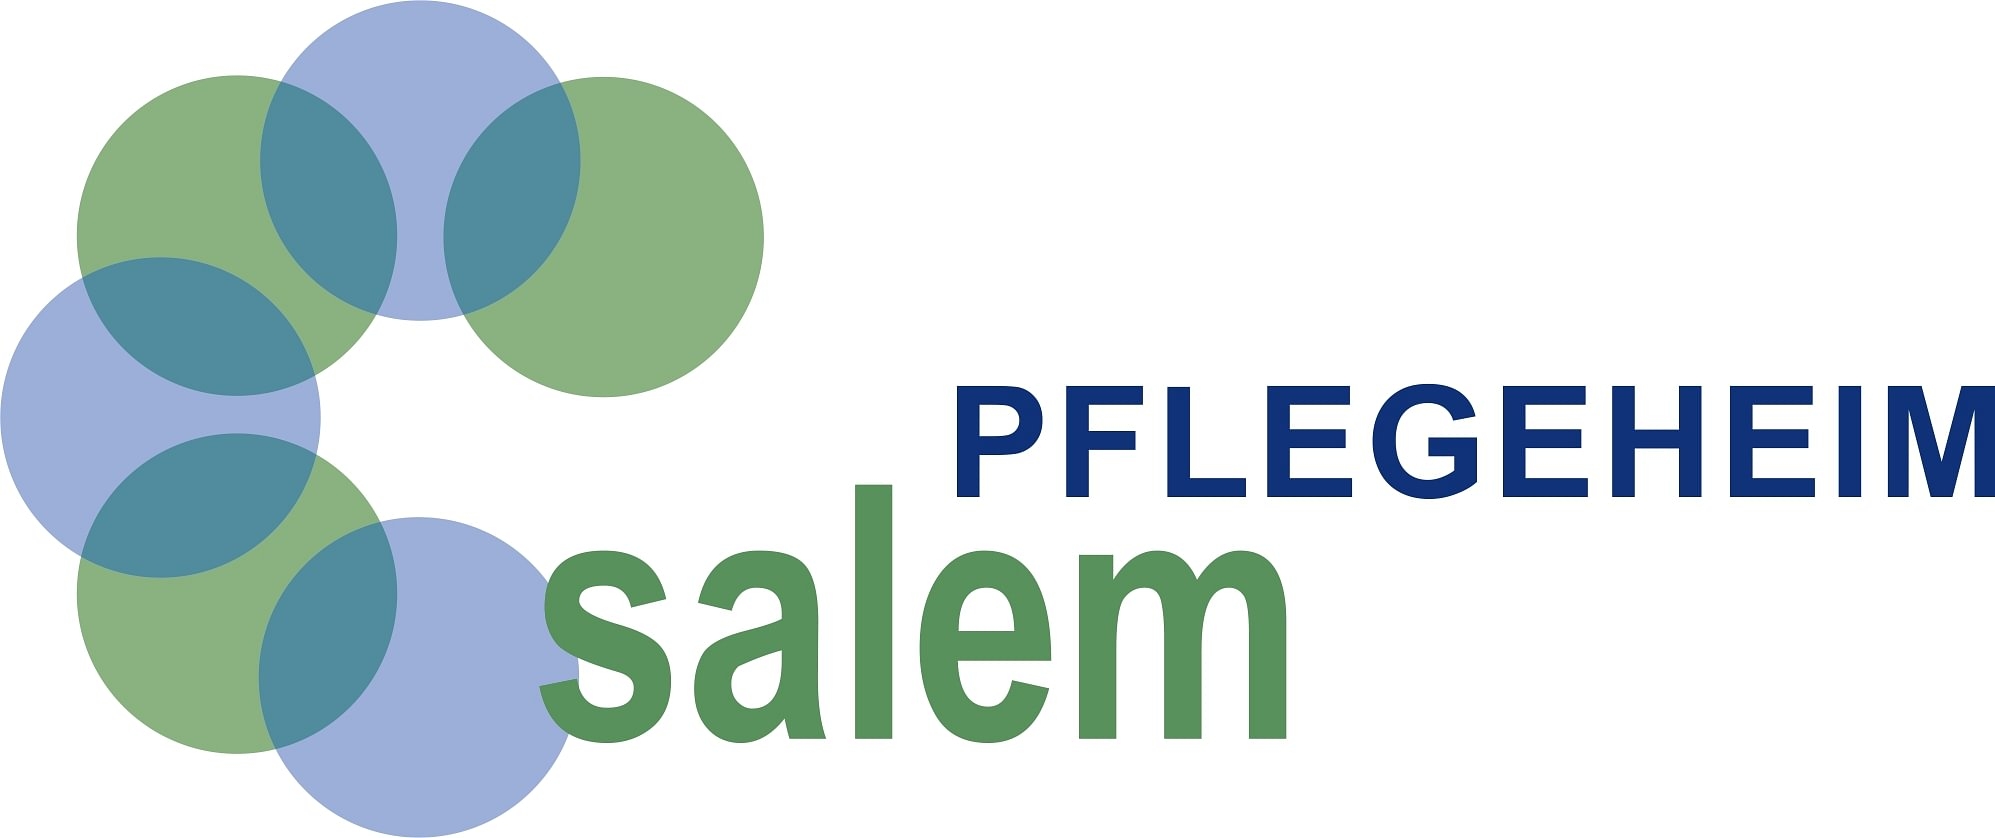 Pflegeheim Salem, Alterspflegewohngruppe APWG